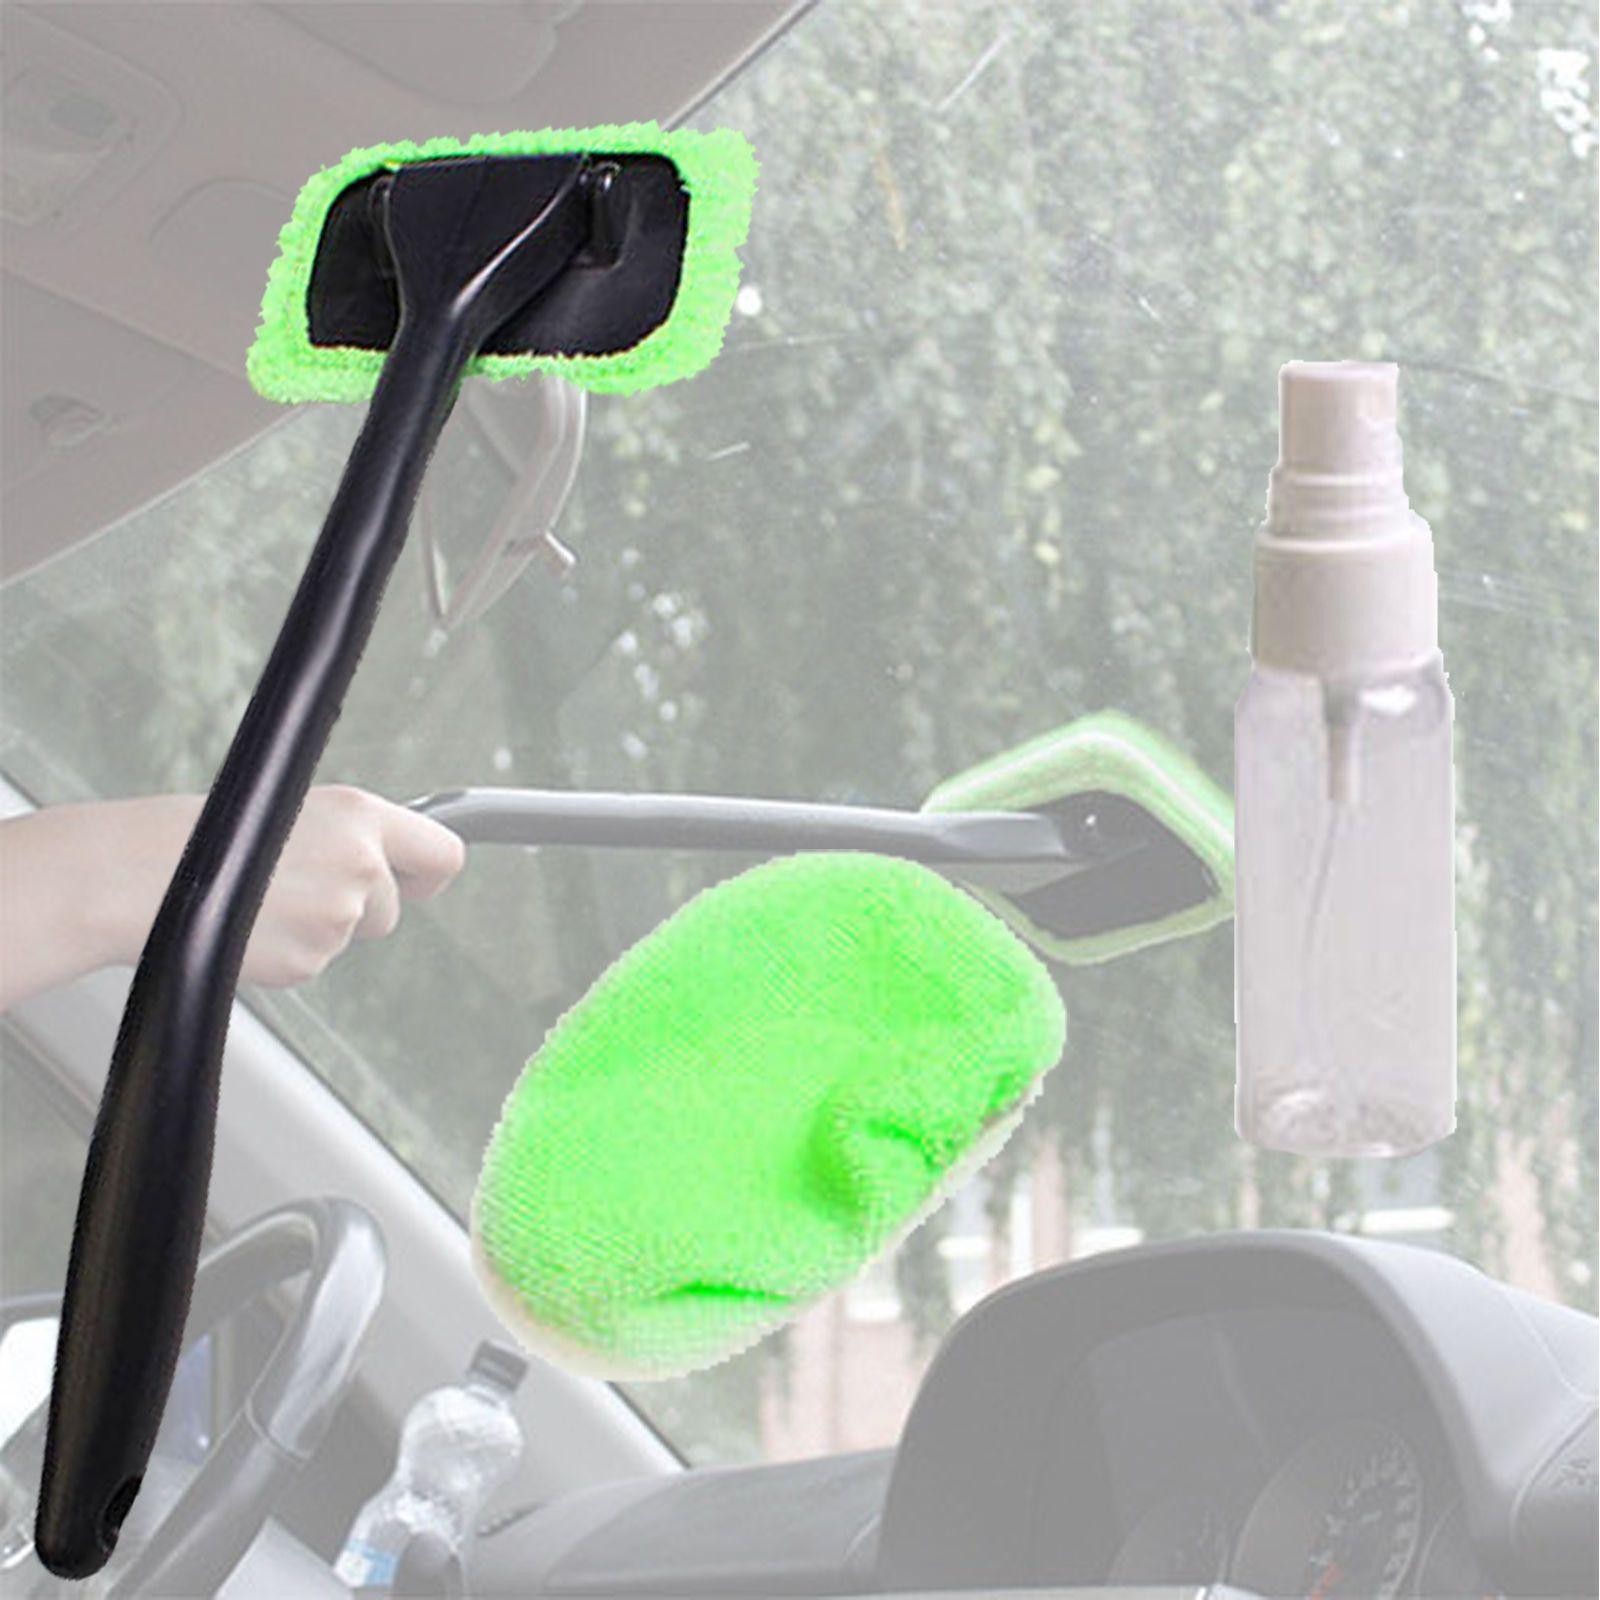 1 قطعة أفضل ستوكات طويل مقبض السيارات الزجاج الأمامي نظيفة ممسحة نظافة القماش زجاج النوافذ أدوات قابل للغسل فرشاة العناية بالسيارات